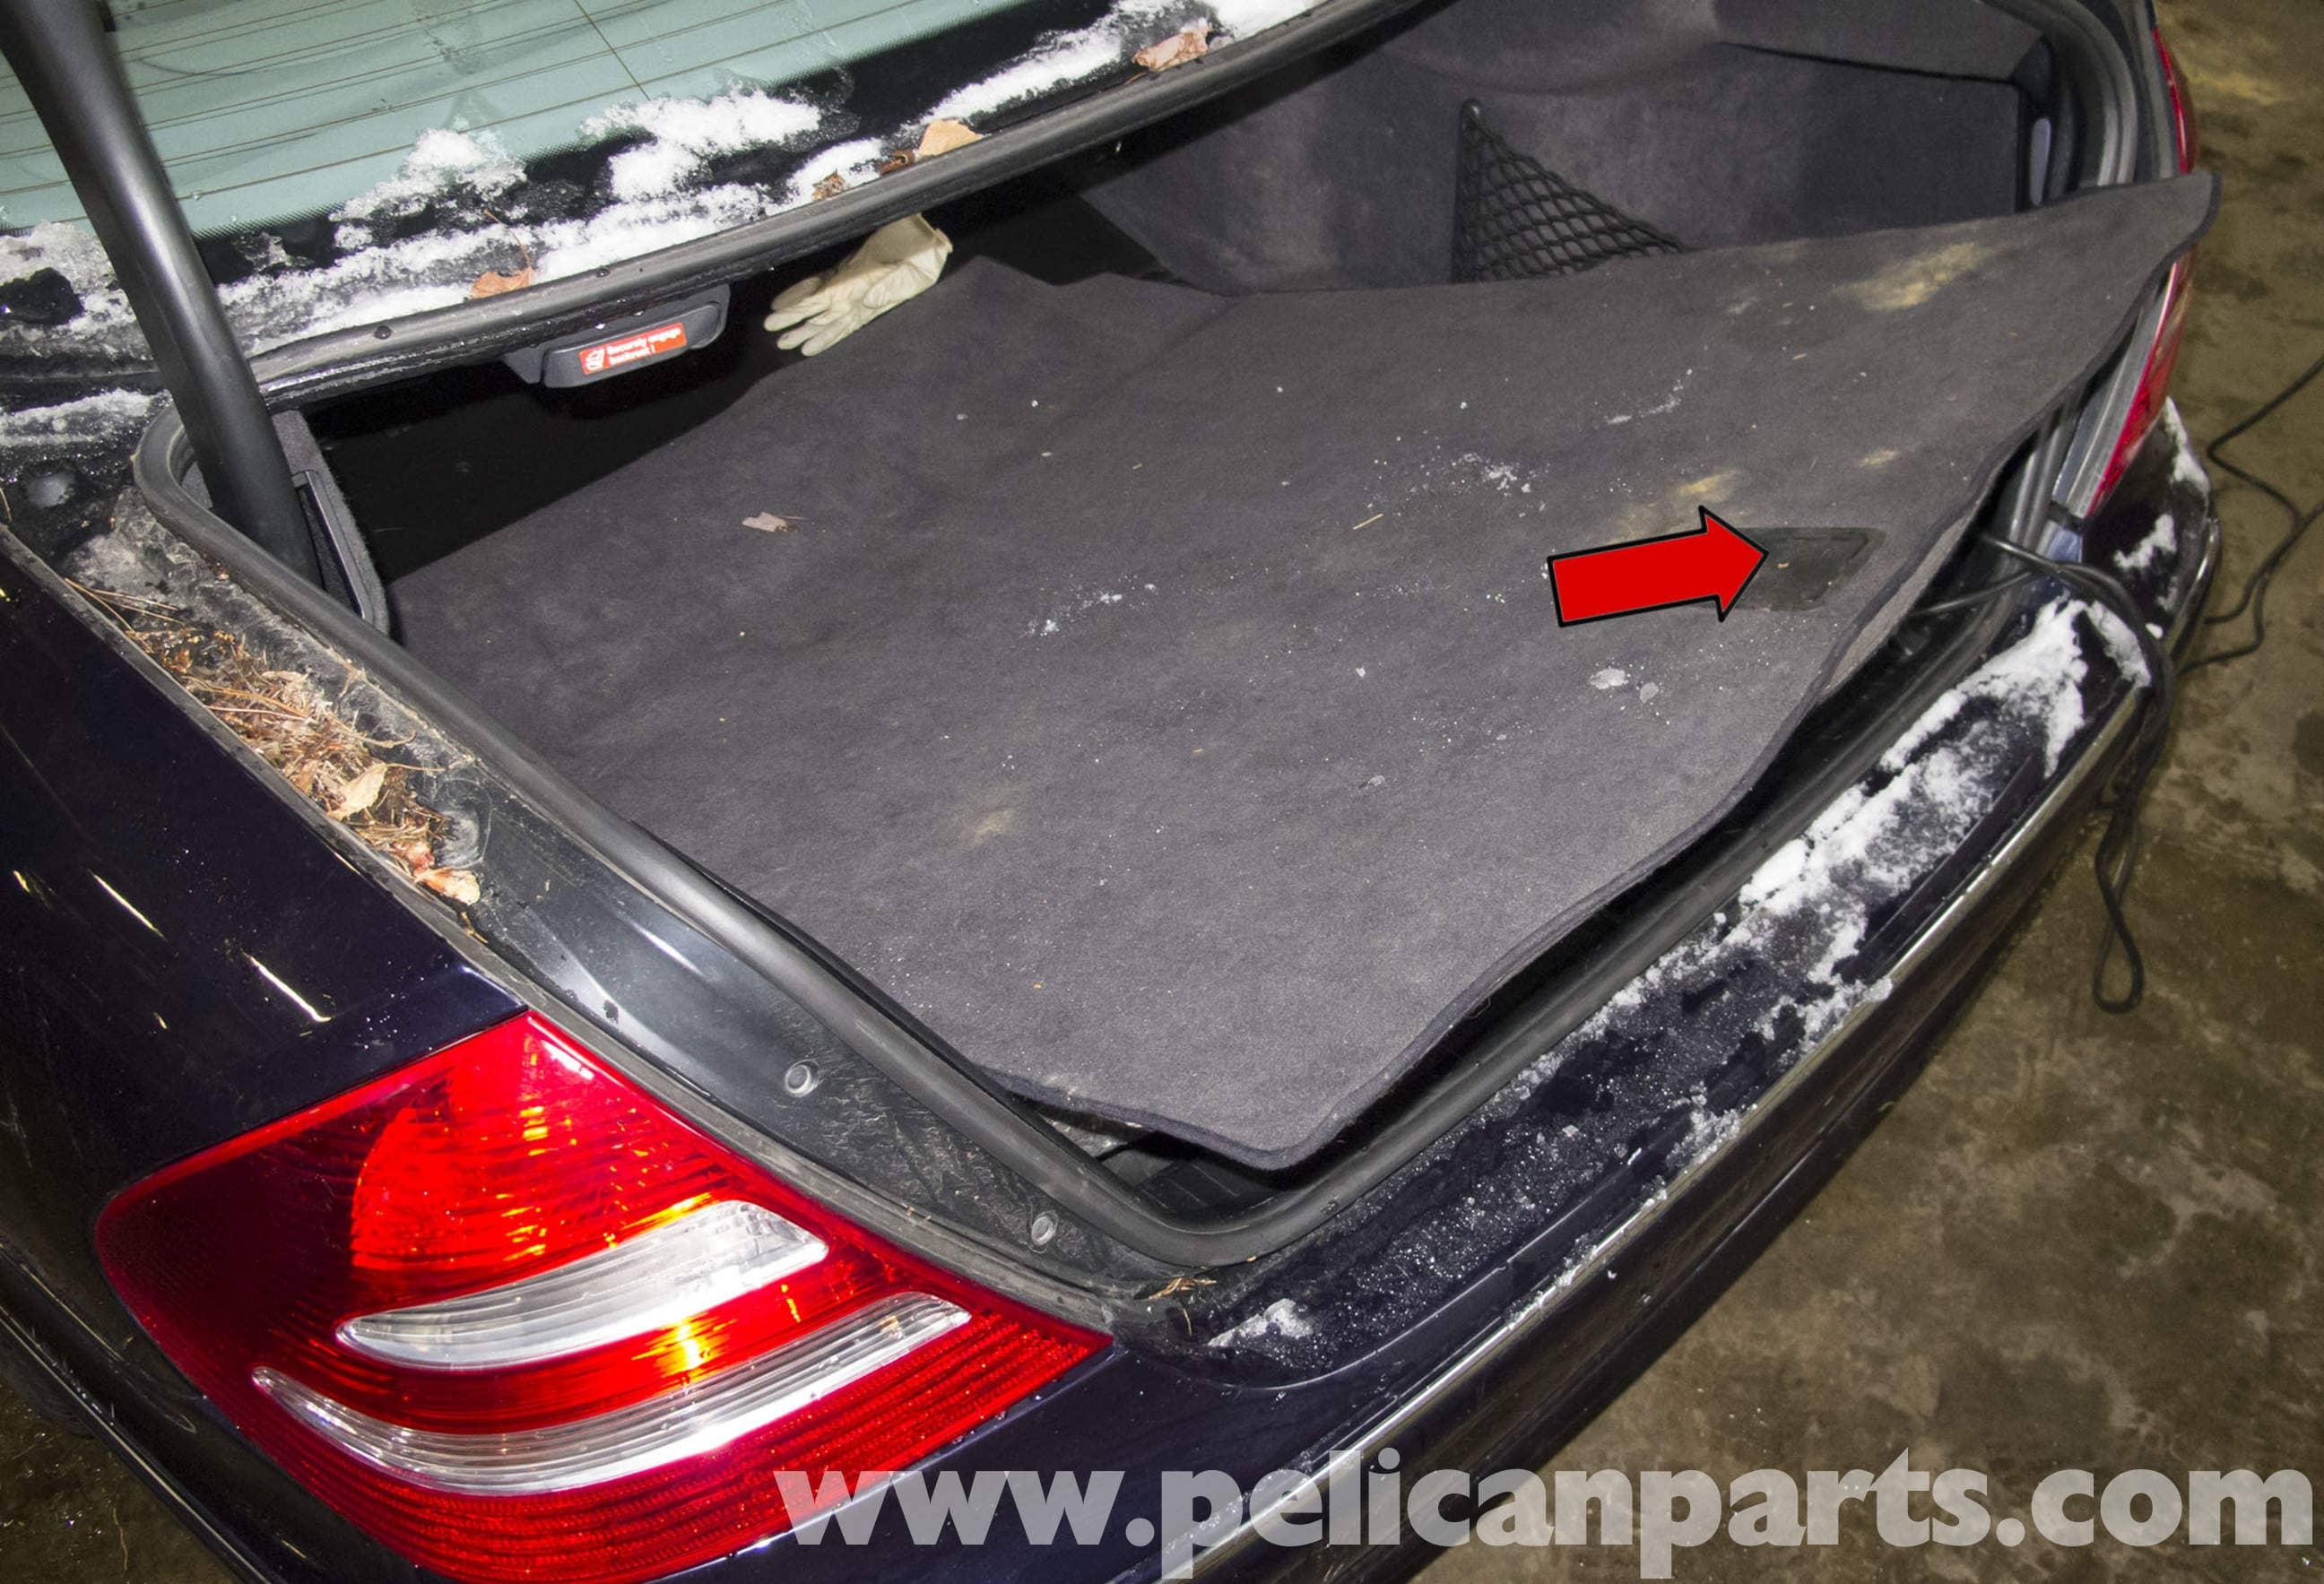 Mercedes-Benz W211 Taillight Replacement (2003-2009) E320, E500, E55